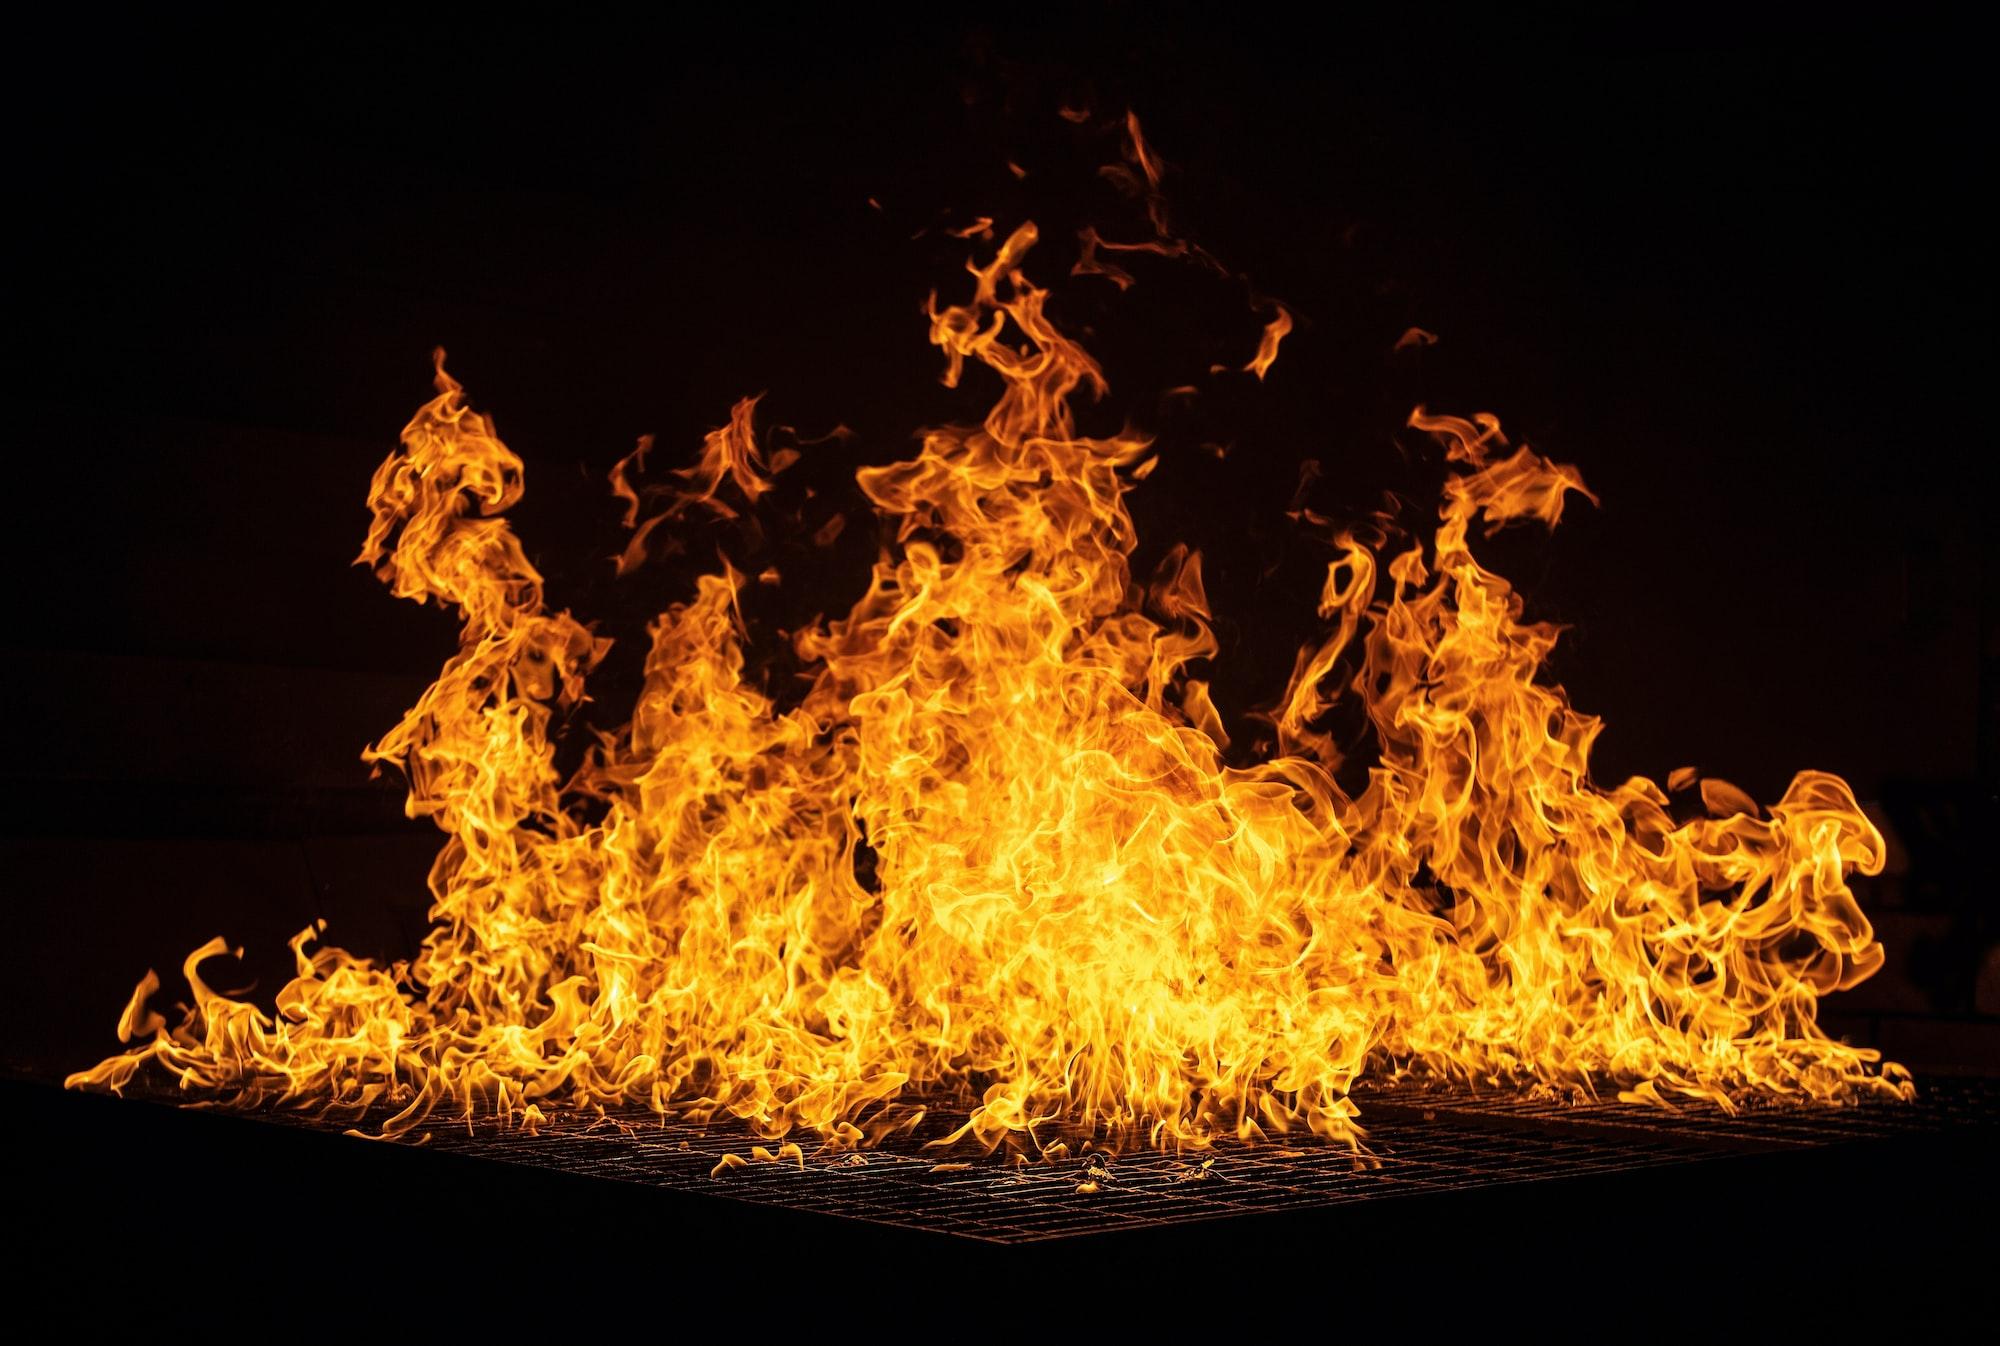 加拿大BC省野火增加到近 200 处,各省驰援